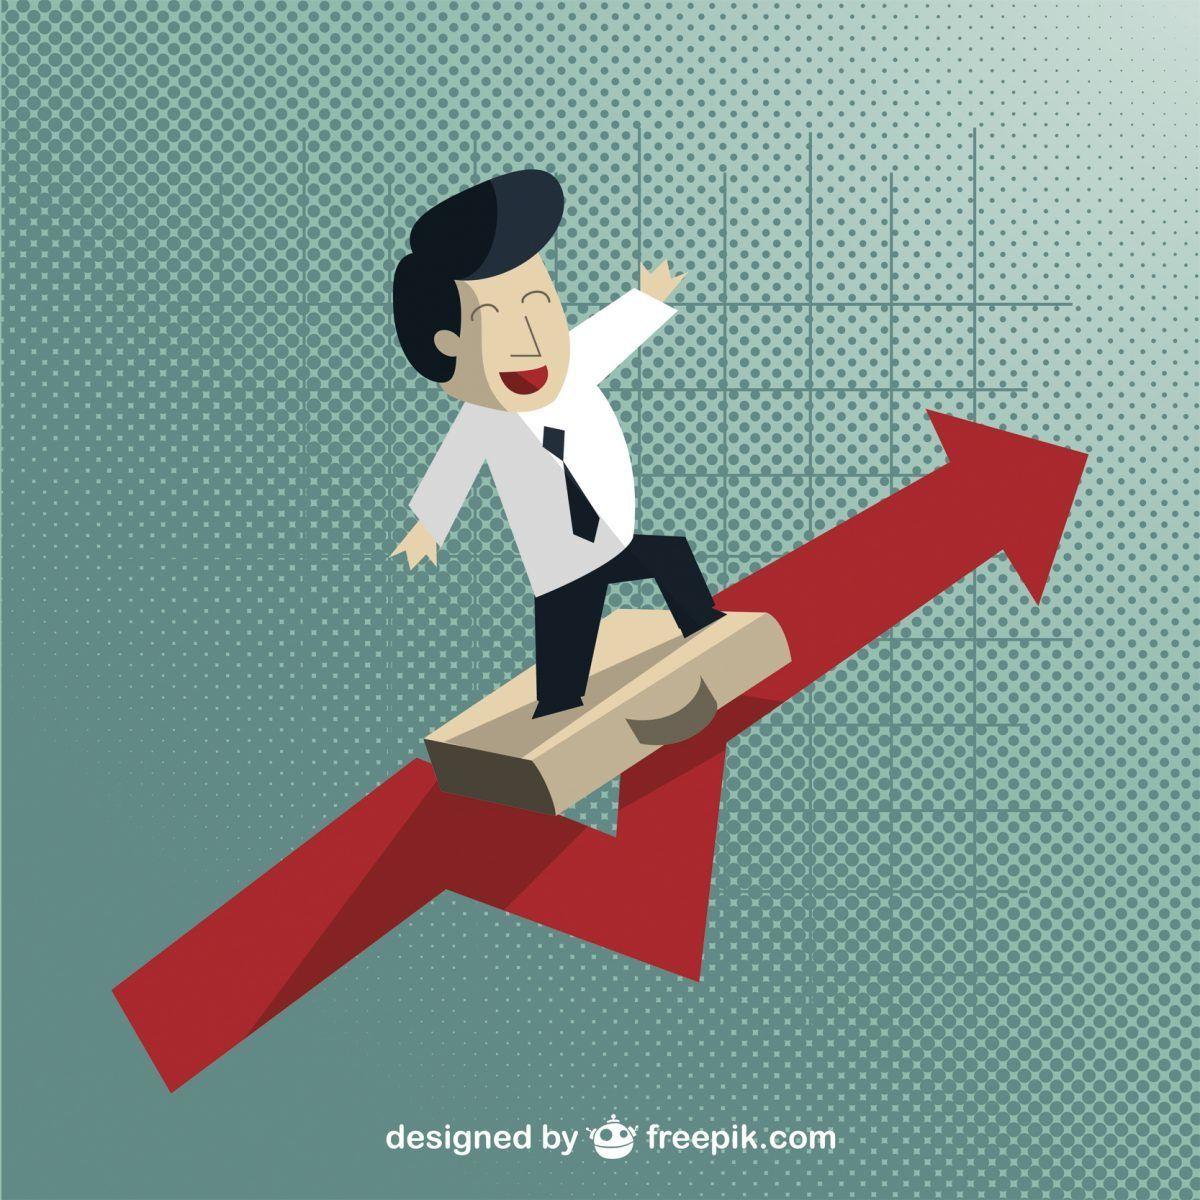 El 78% de los inversores se fija en el talento interno de la empresa a la hora de invertir